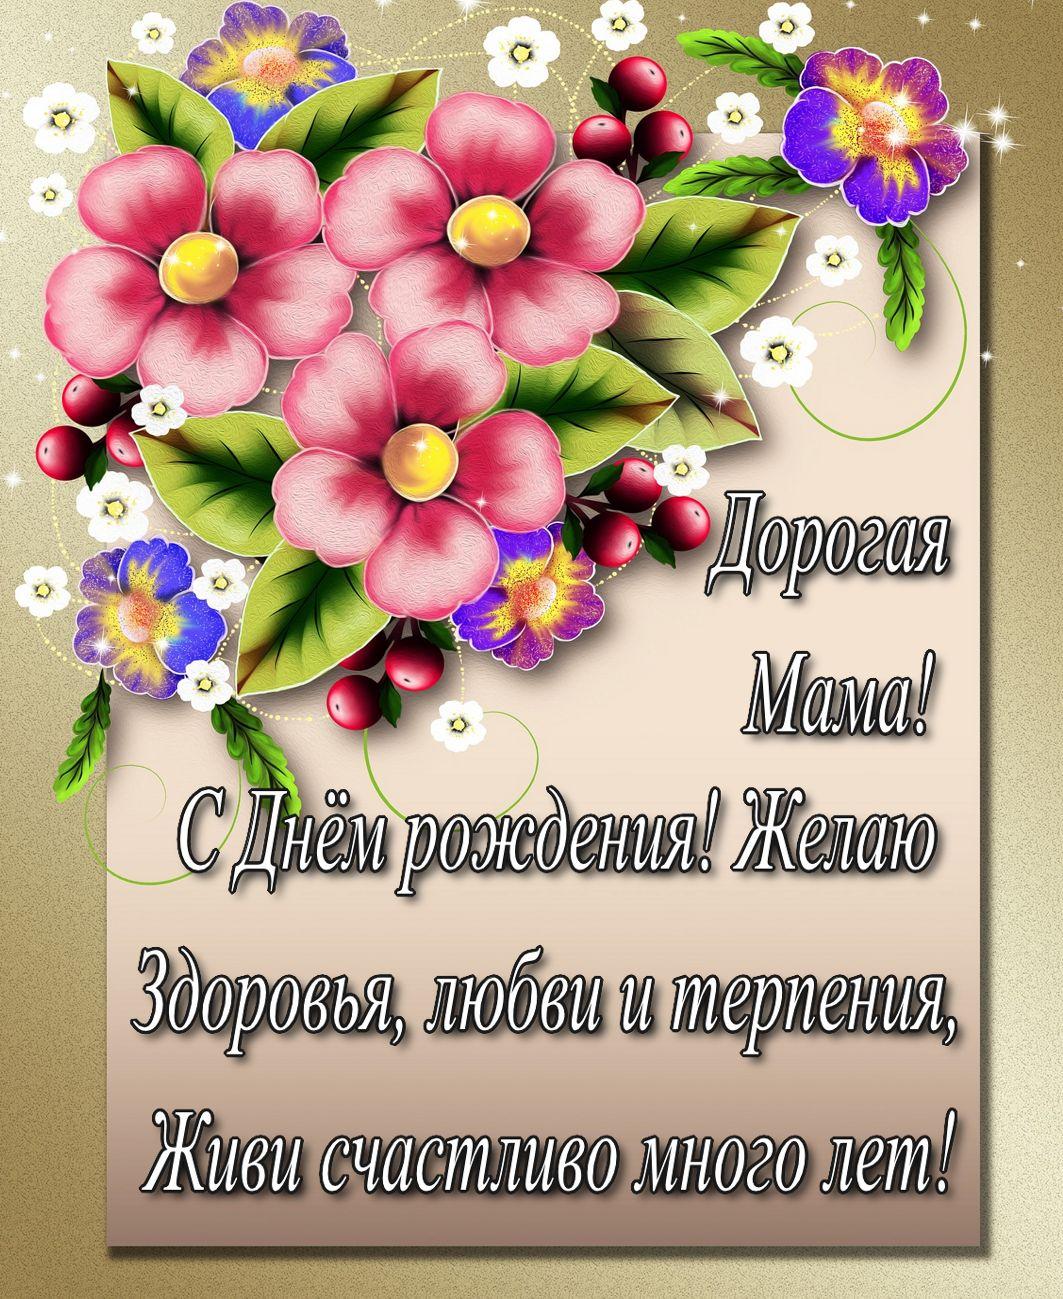 Открытка с Днём рождения маме - поздравление с красивыми цветочками